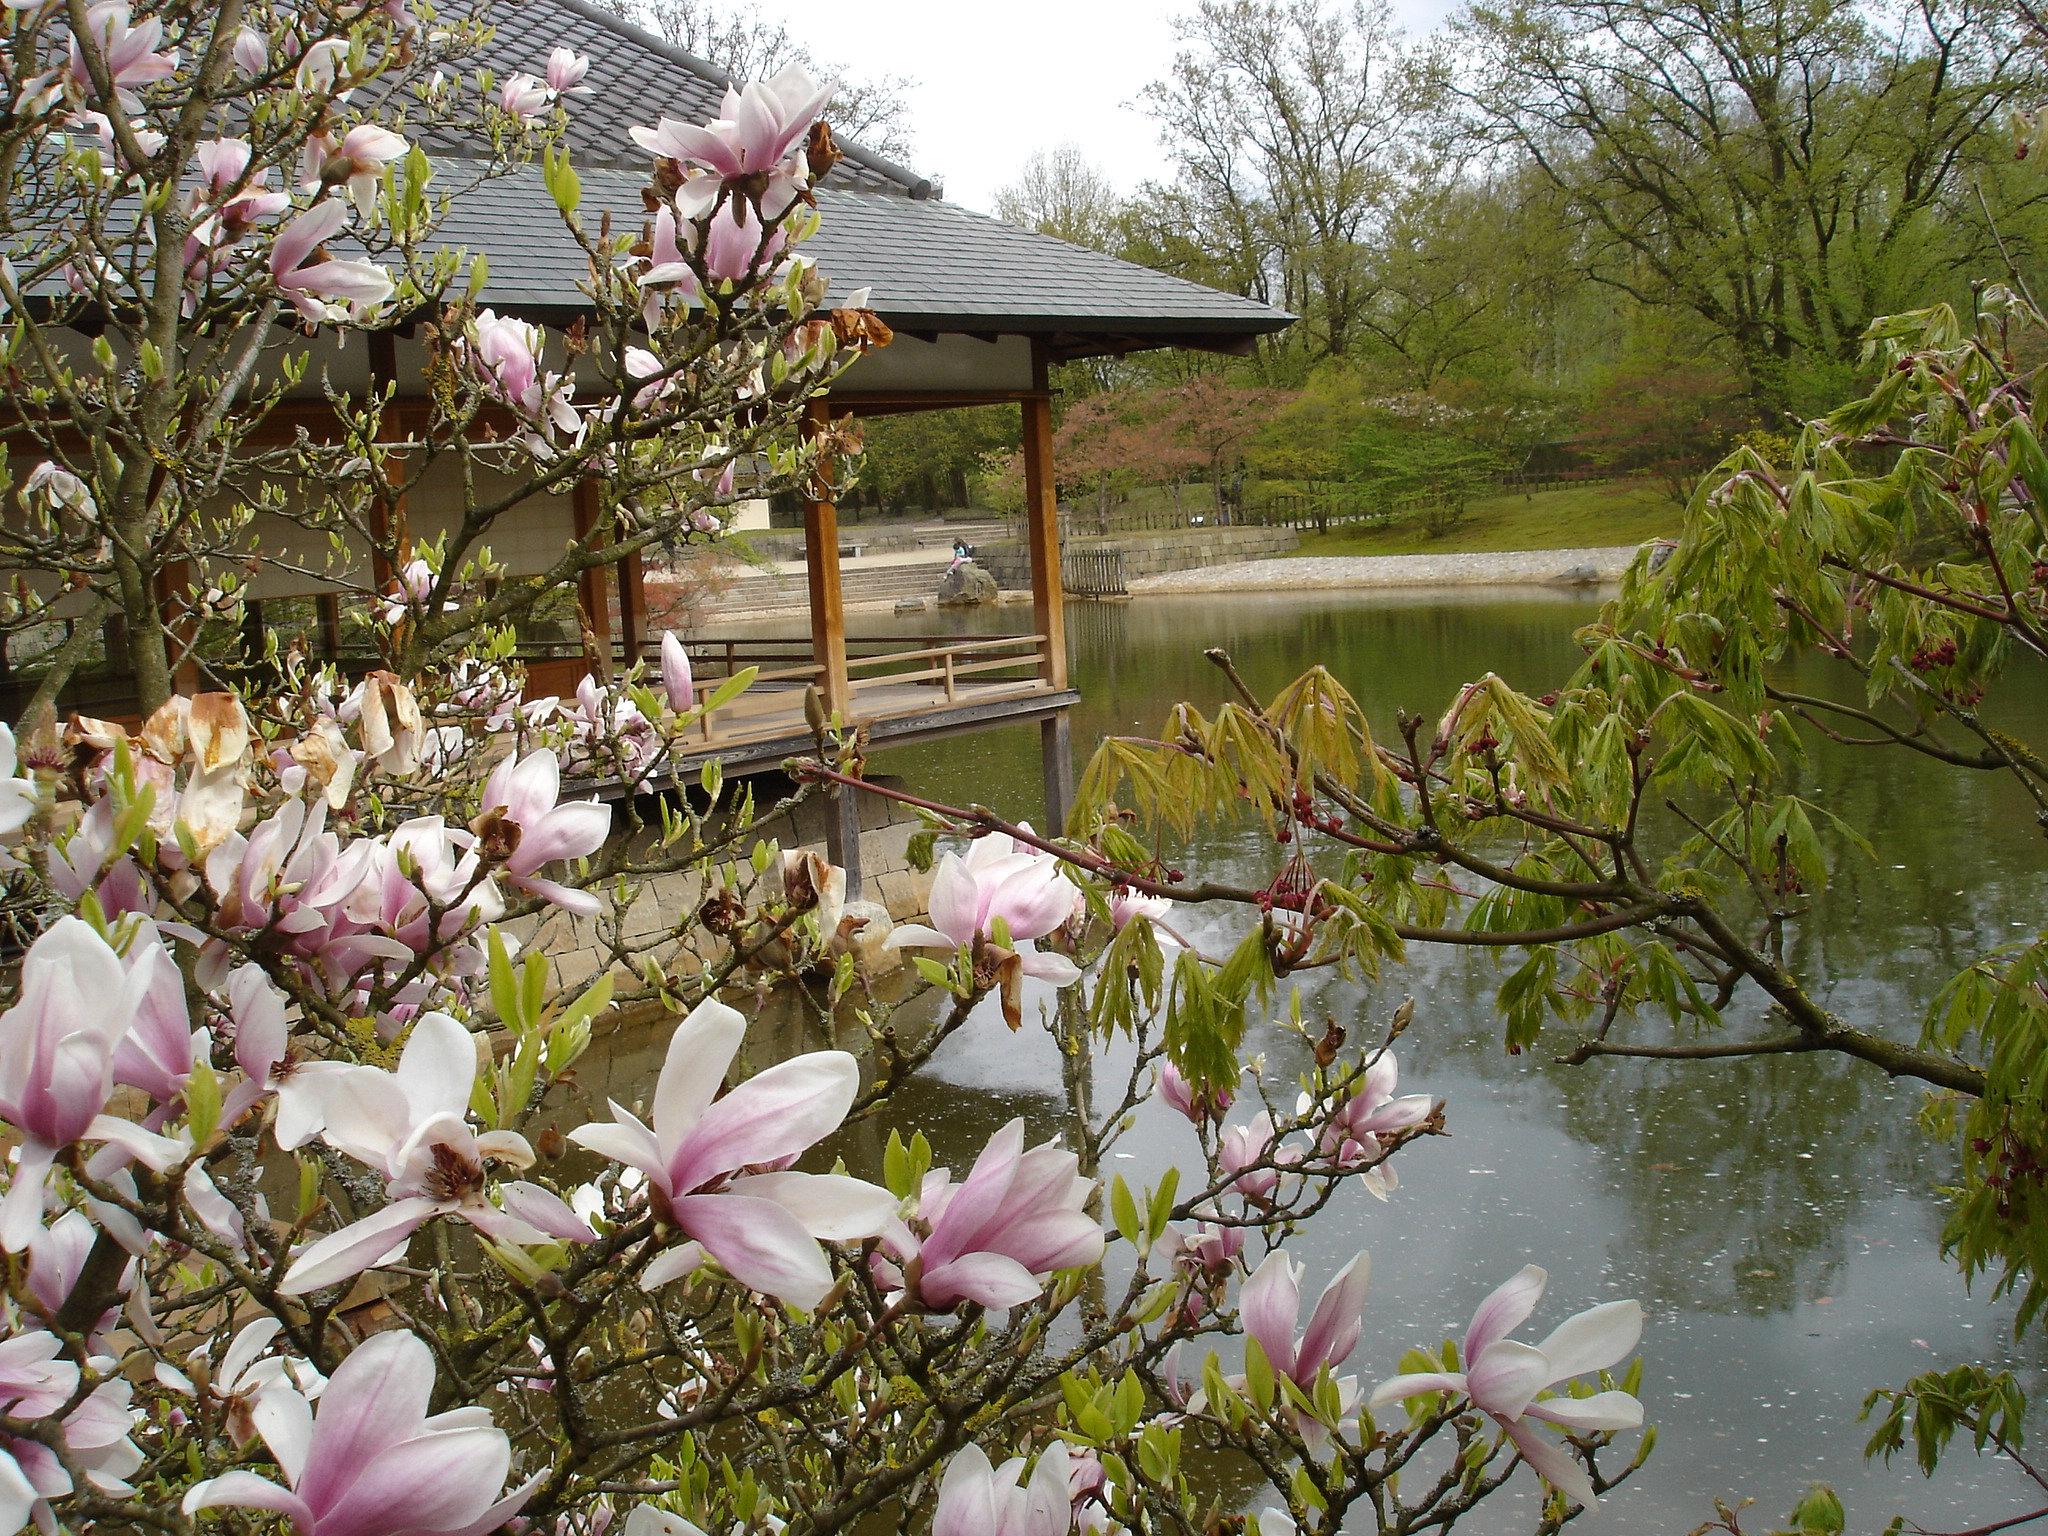 Cercle horticole de carlsbourg jardin japonais hasselt 13 for Jardin japonais hasselt 2016